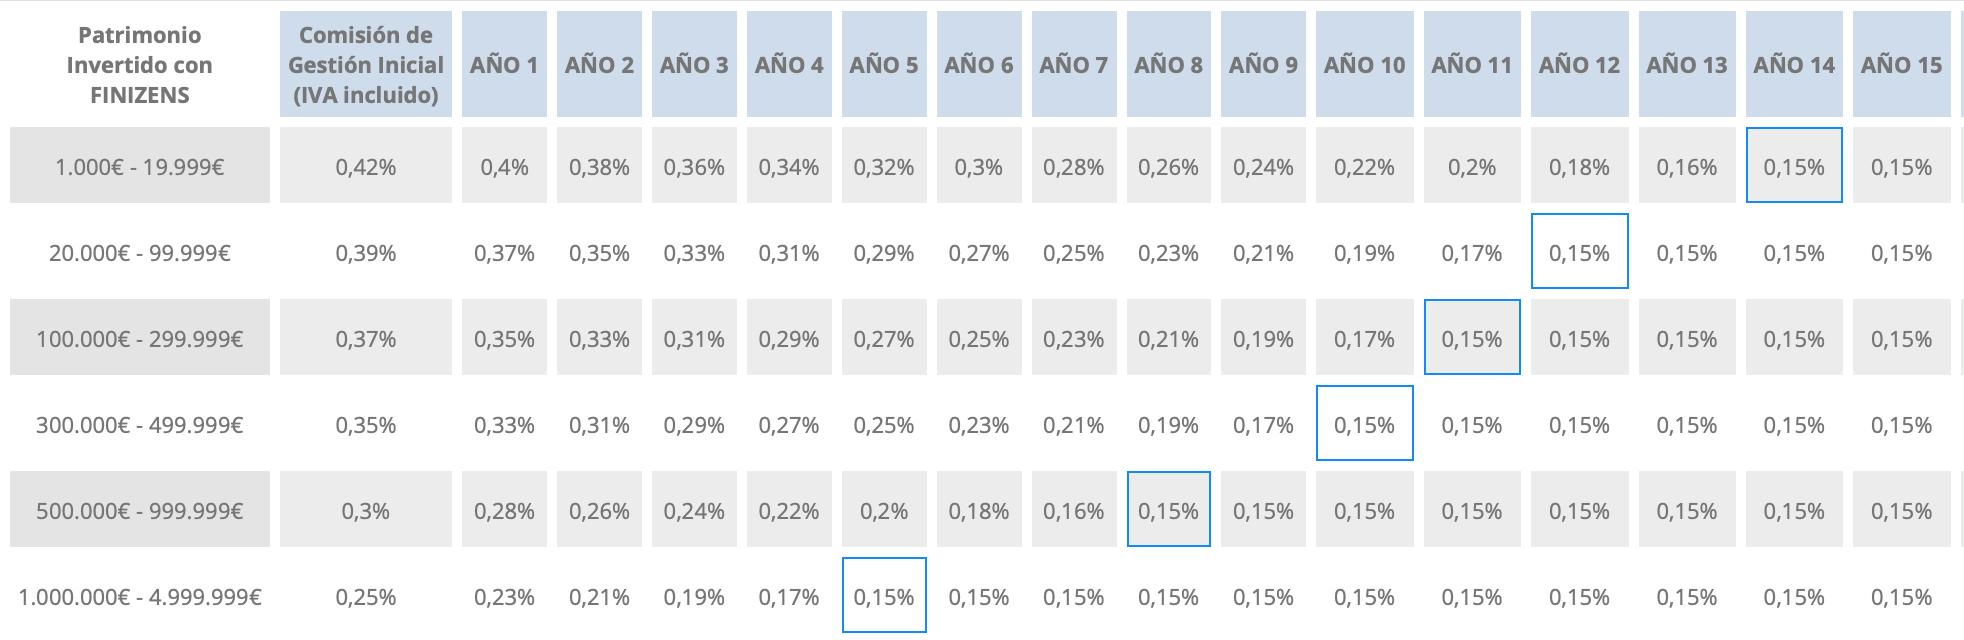 Tabla de comisiones de gestión decrecientes del gestor automatizado Finizens